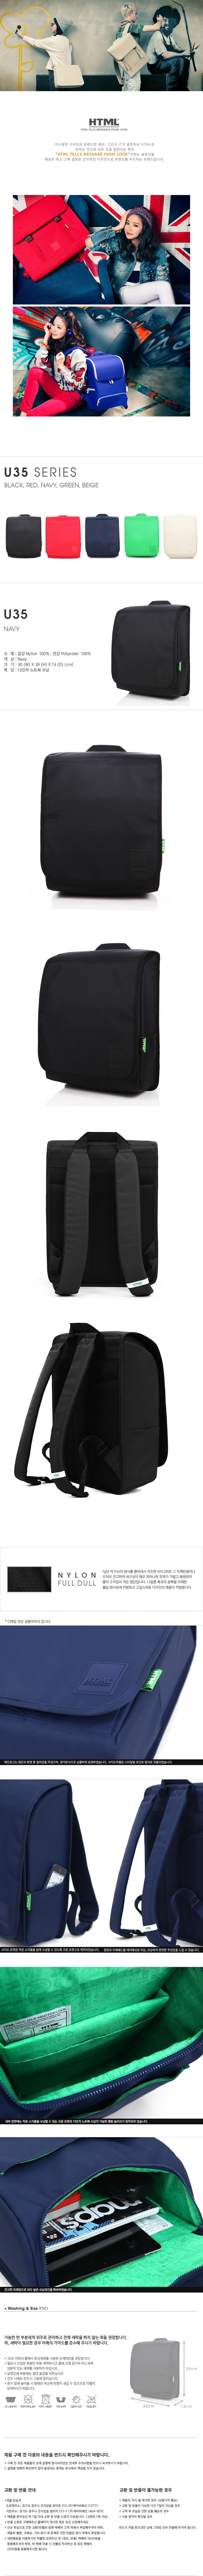 [에이치티엠엘]HTML - U35 backpack (Black)_인기백팩